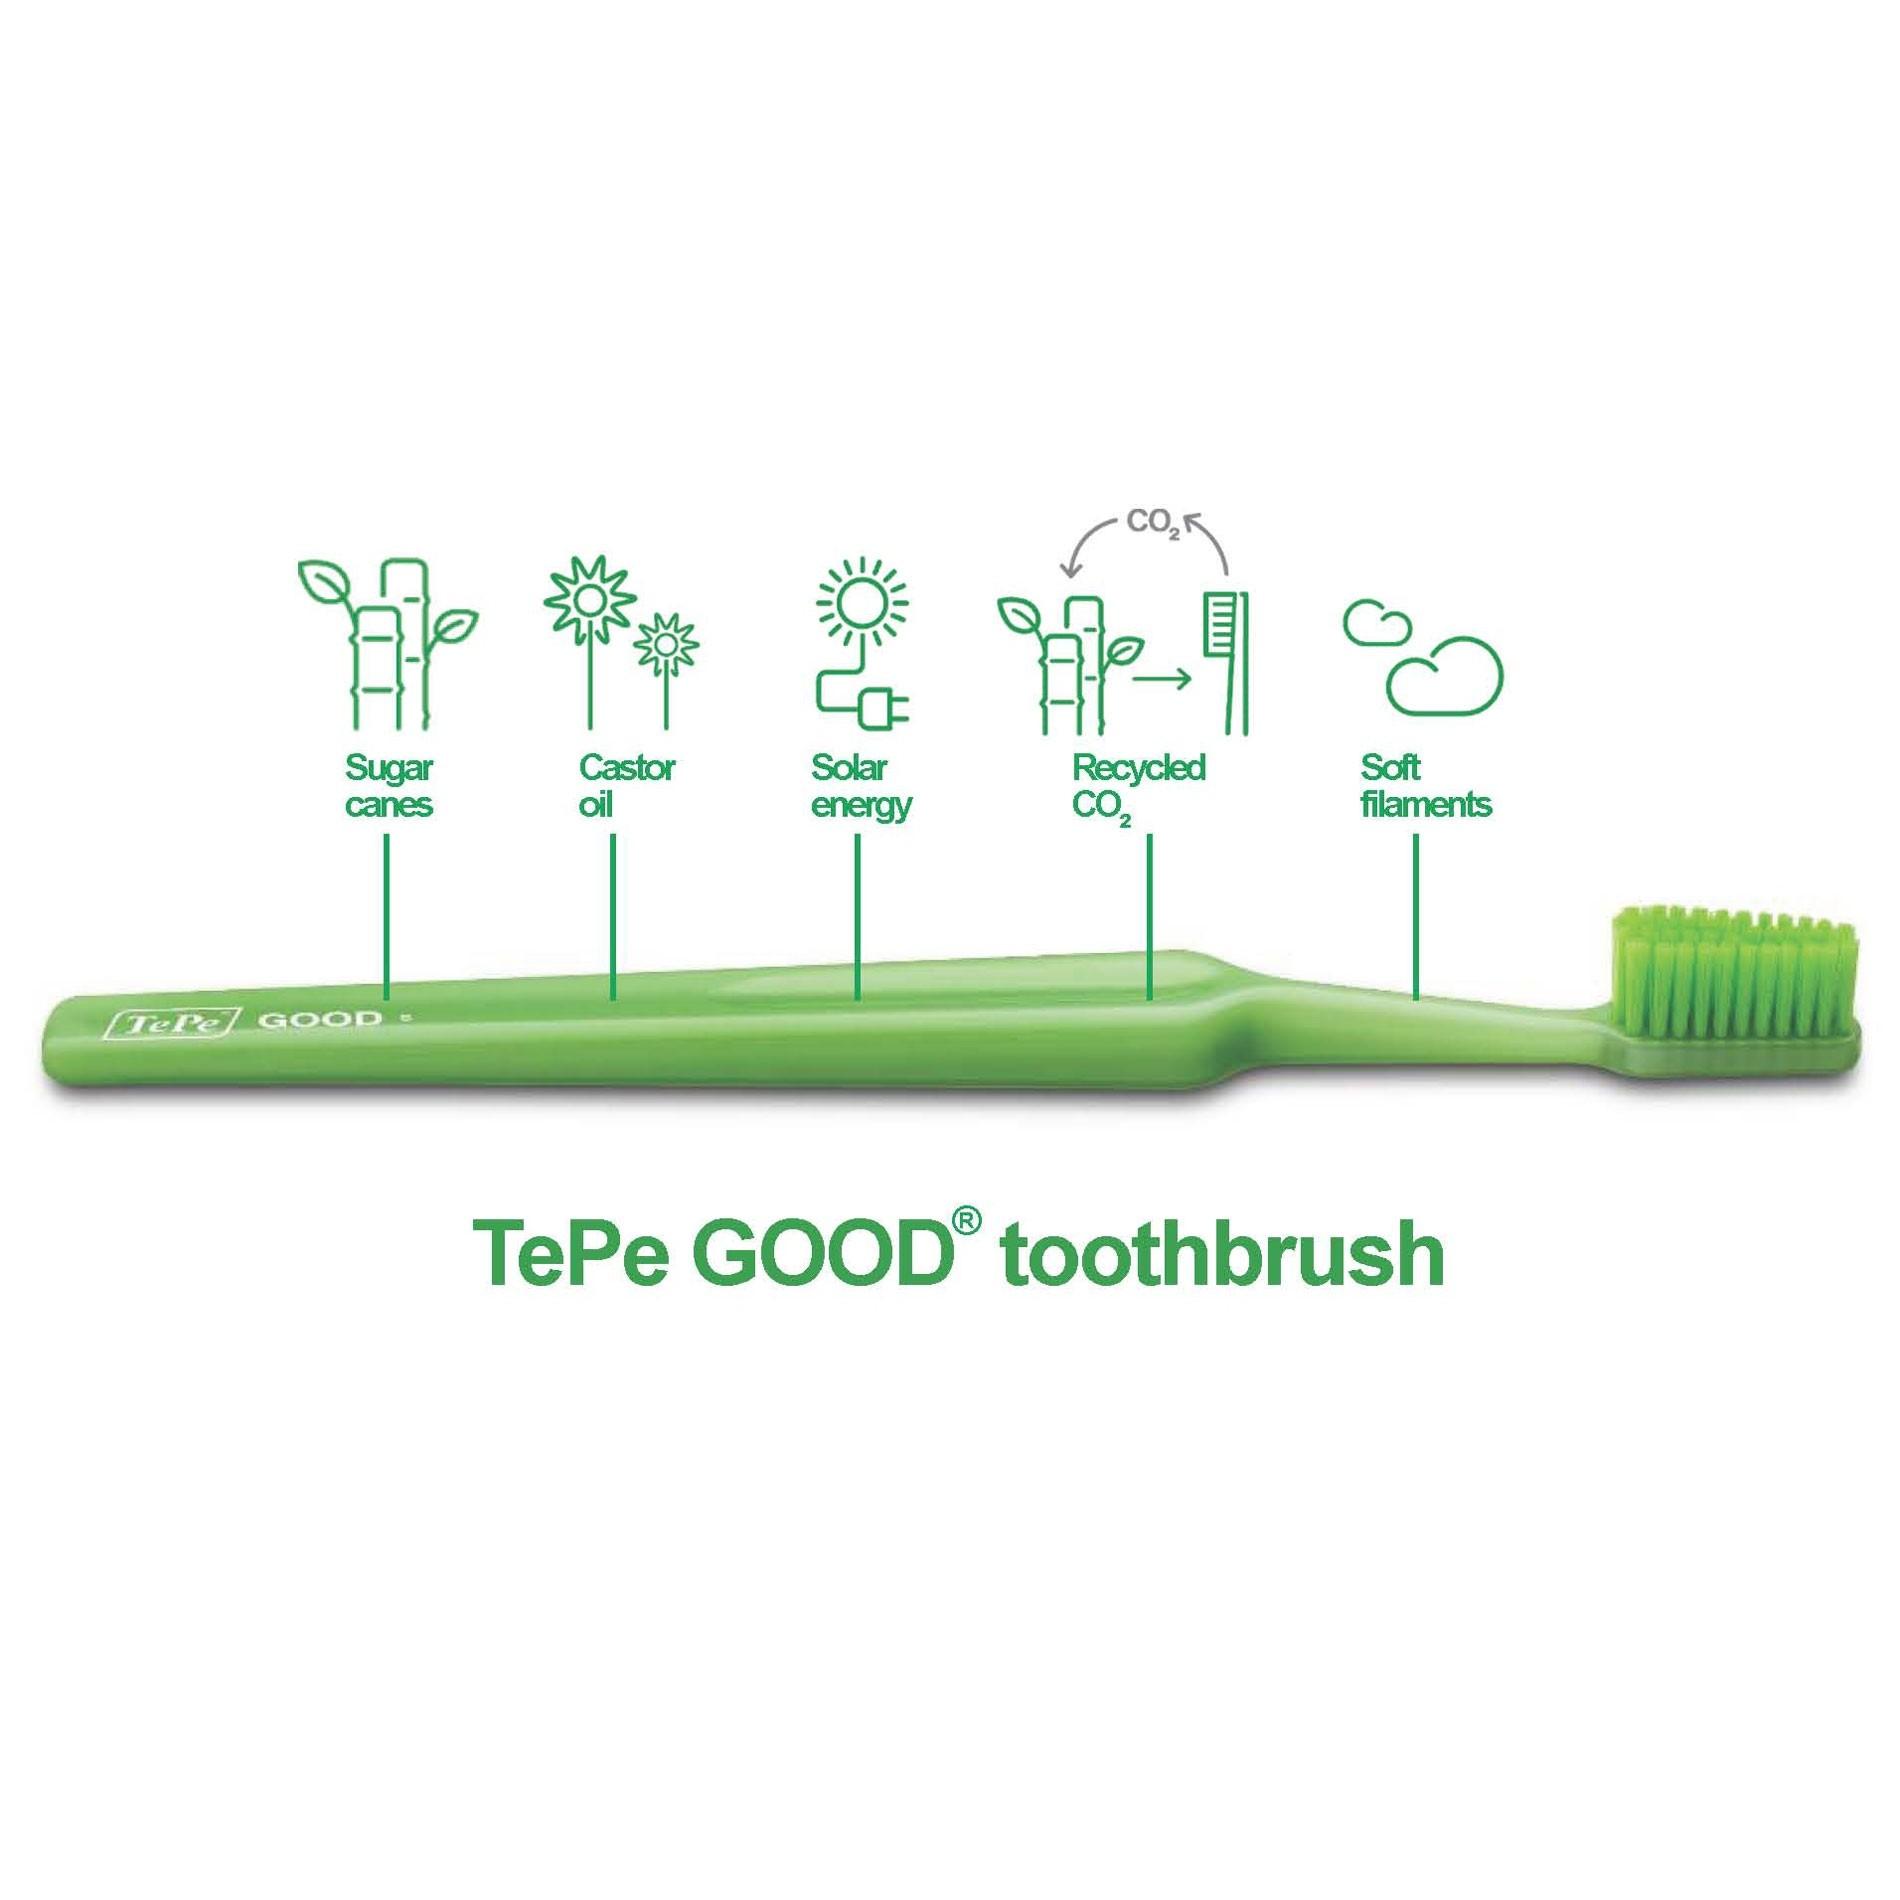 Bàn chải đánh răng TePe GOOD Mini extra soft